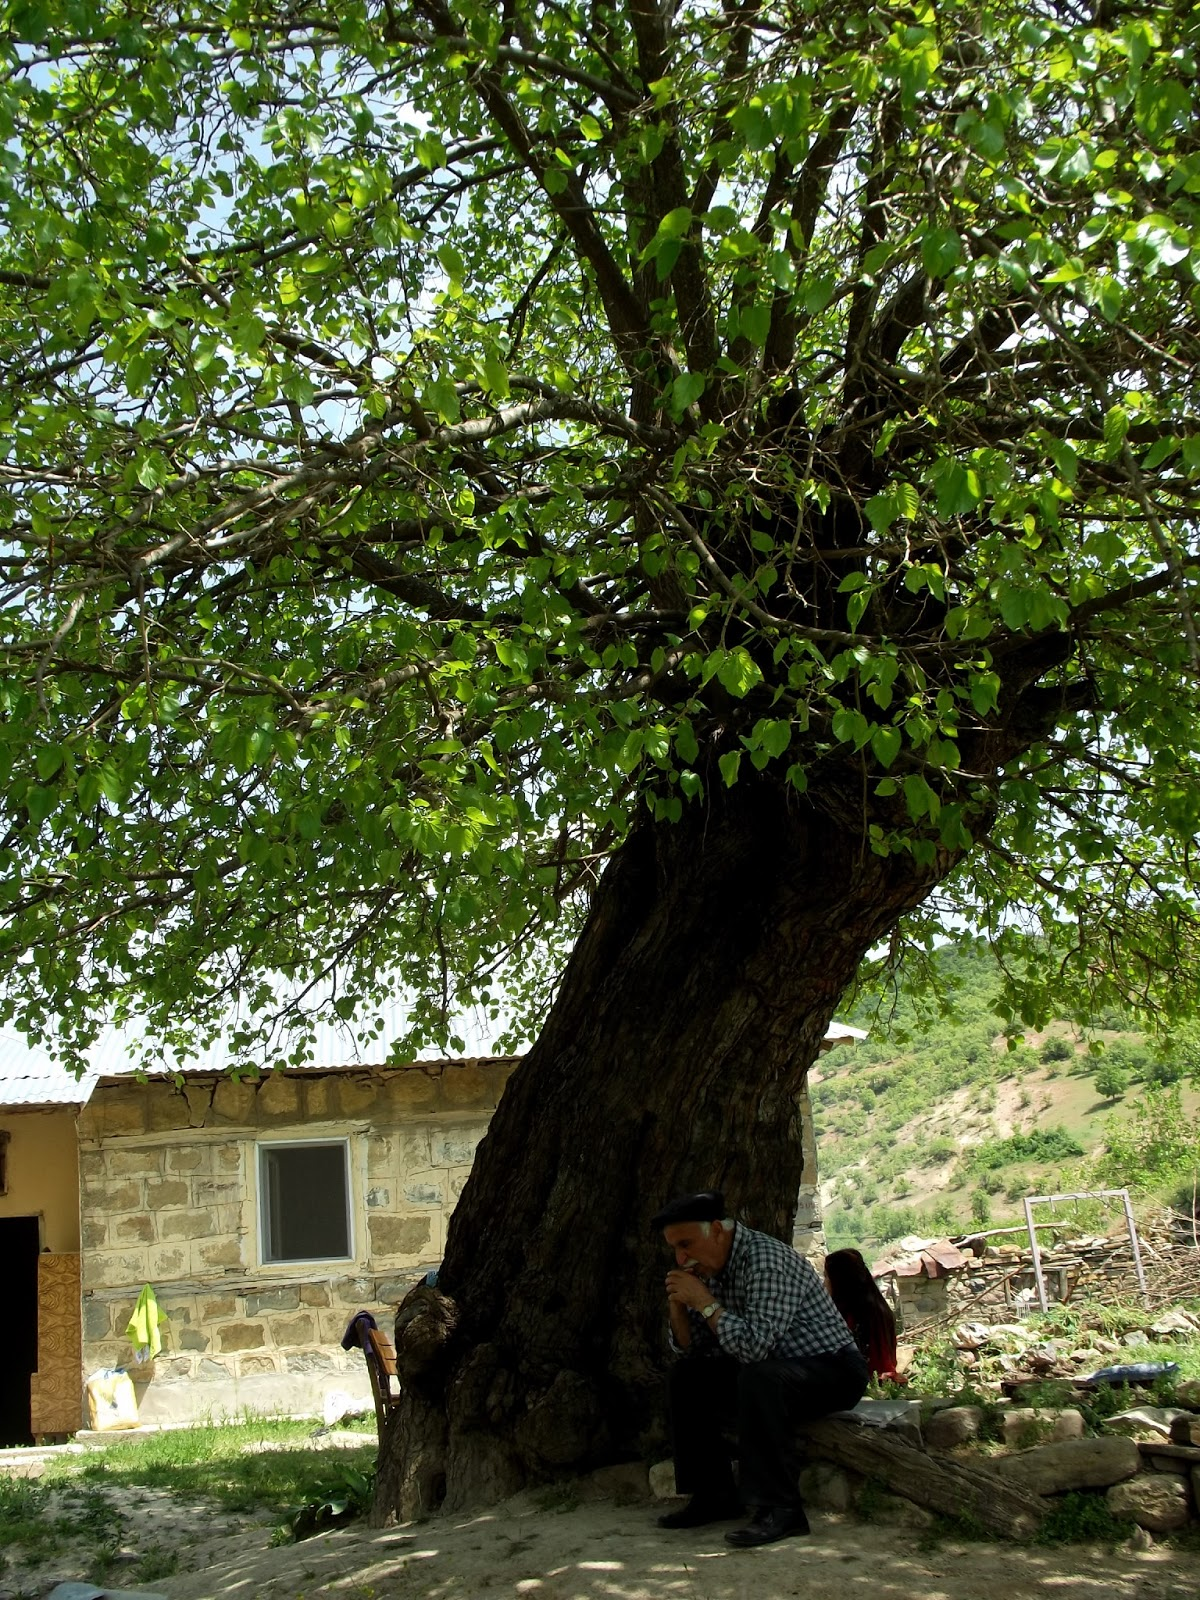 Rüyada Kavak Ağacı Görmek Tırmanmak Ve Kesmek Görmek